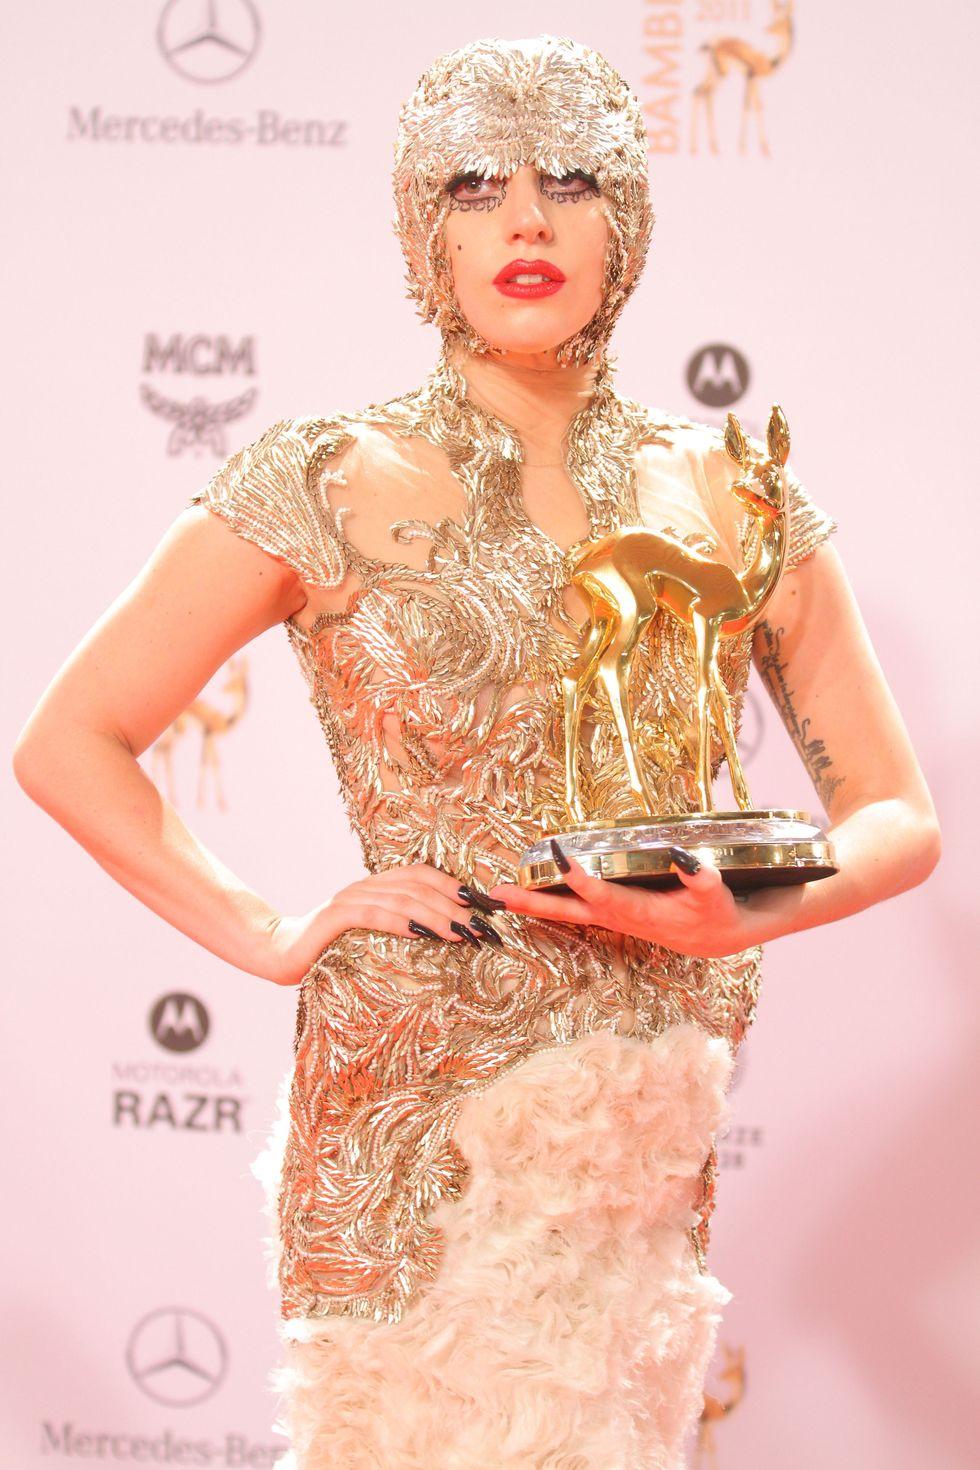 """Khoảnh khắc thời trang ấn tượng nhất trong kỷ nguyên """"Born this way"""" của Lady Gaga - hình ảnh 6"""